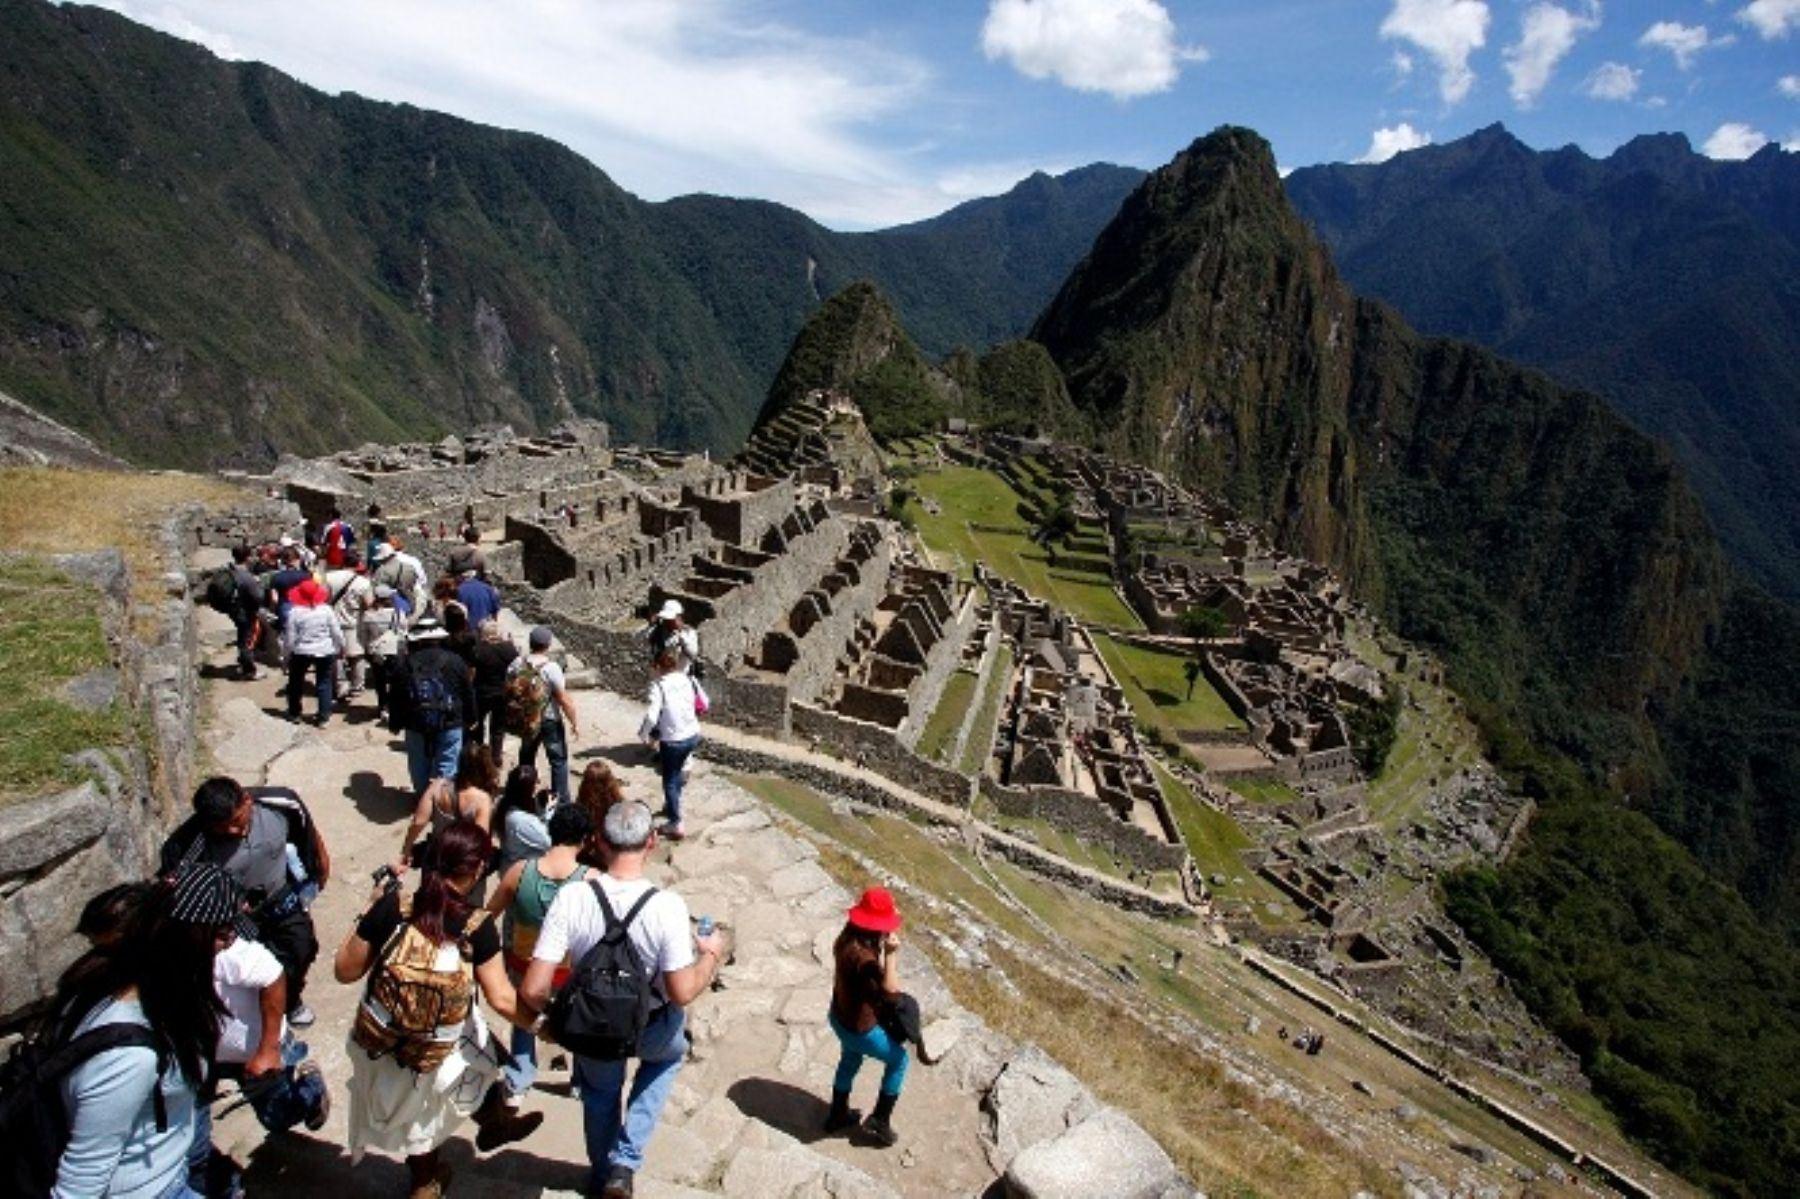 Prohíben el uso de drones durante ceremonia de anuncio de las fiestas de Cusco desde Machu Picchu. ANDINA/Percy Hurtado